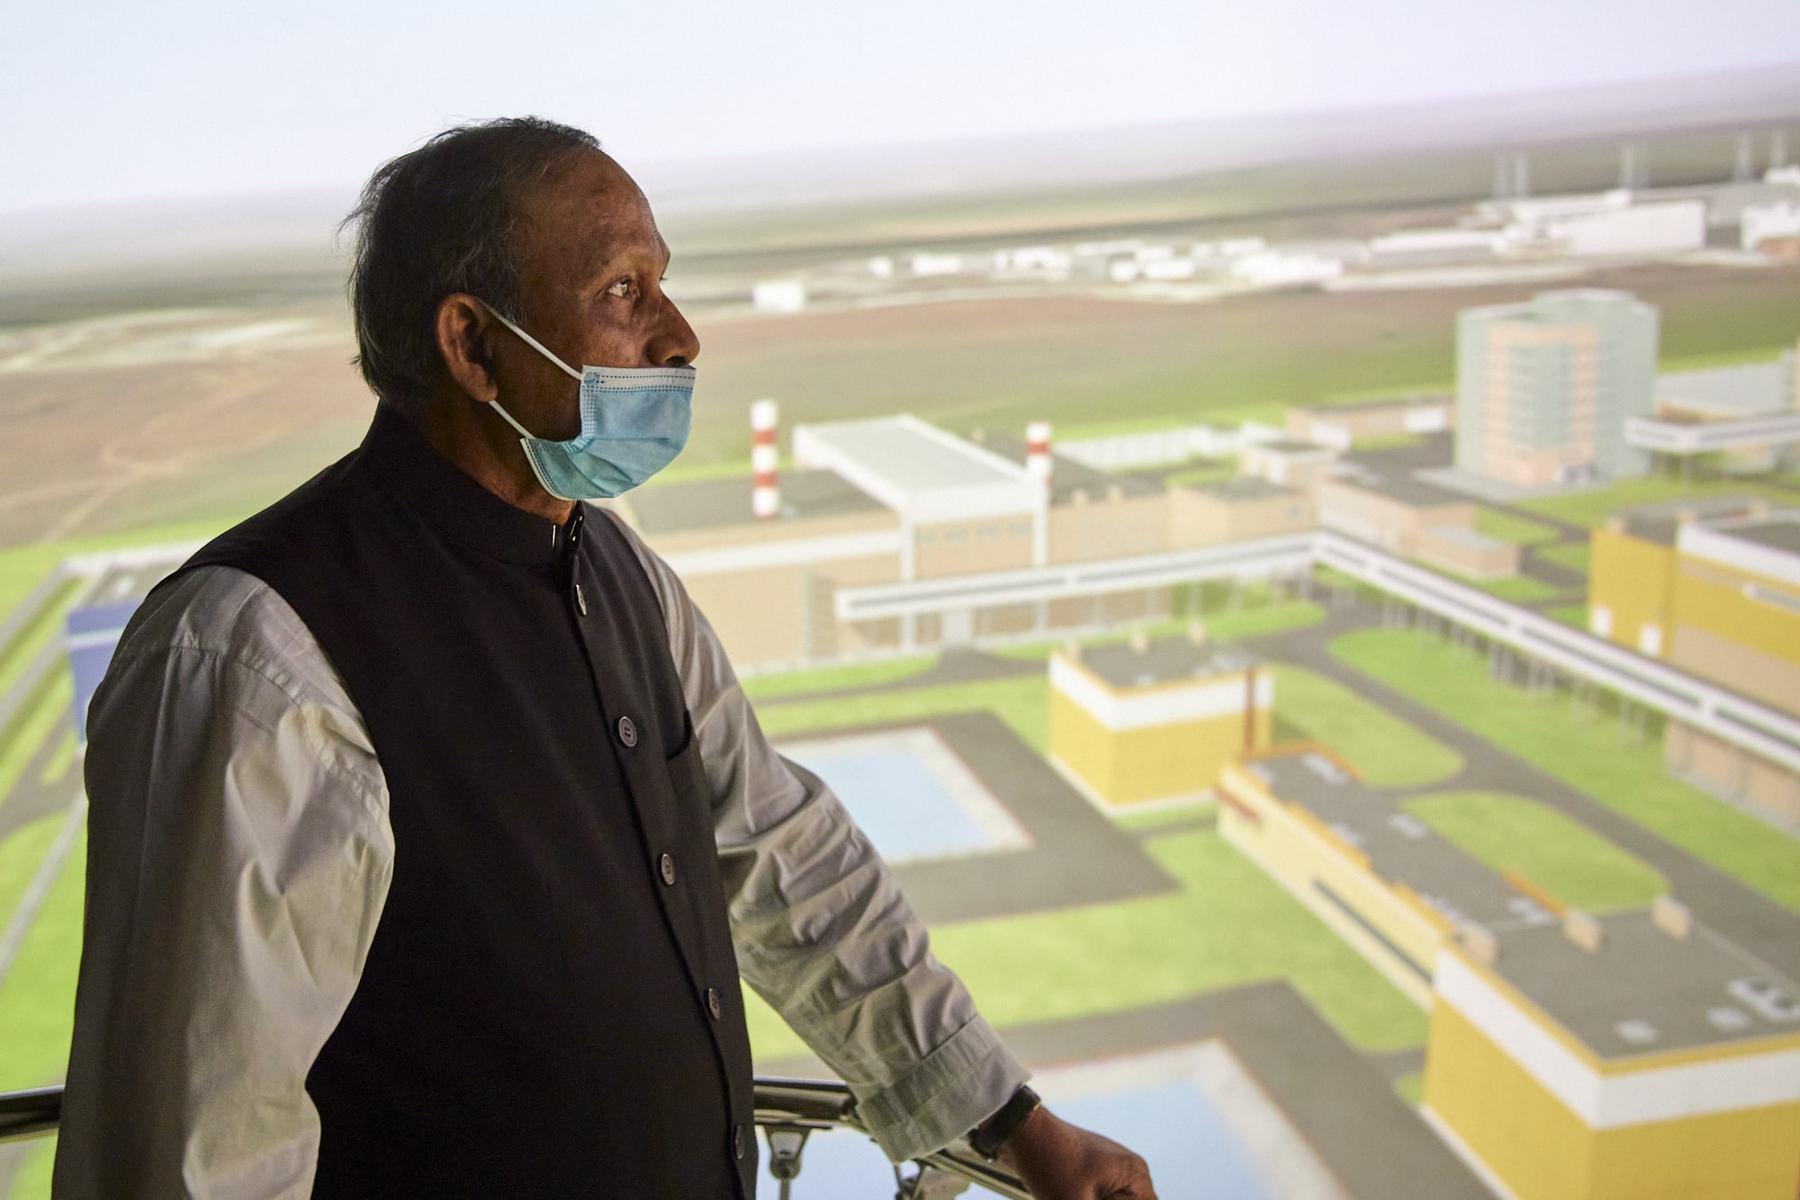 Министр науки и технологий Народной Республики Бангладеш Яфеш Осман посетил Техническую академию Росатома